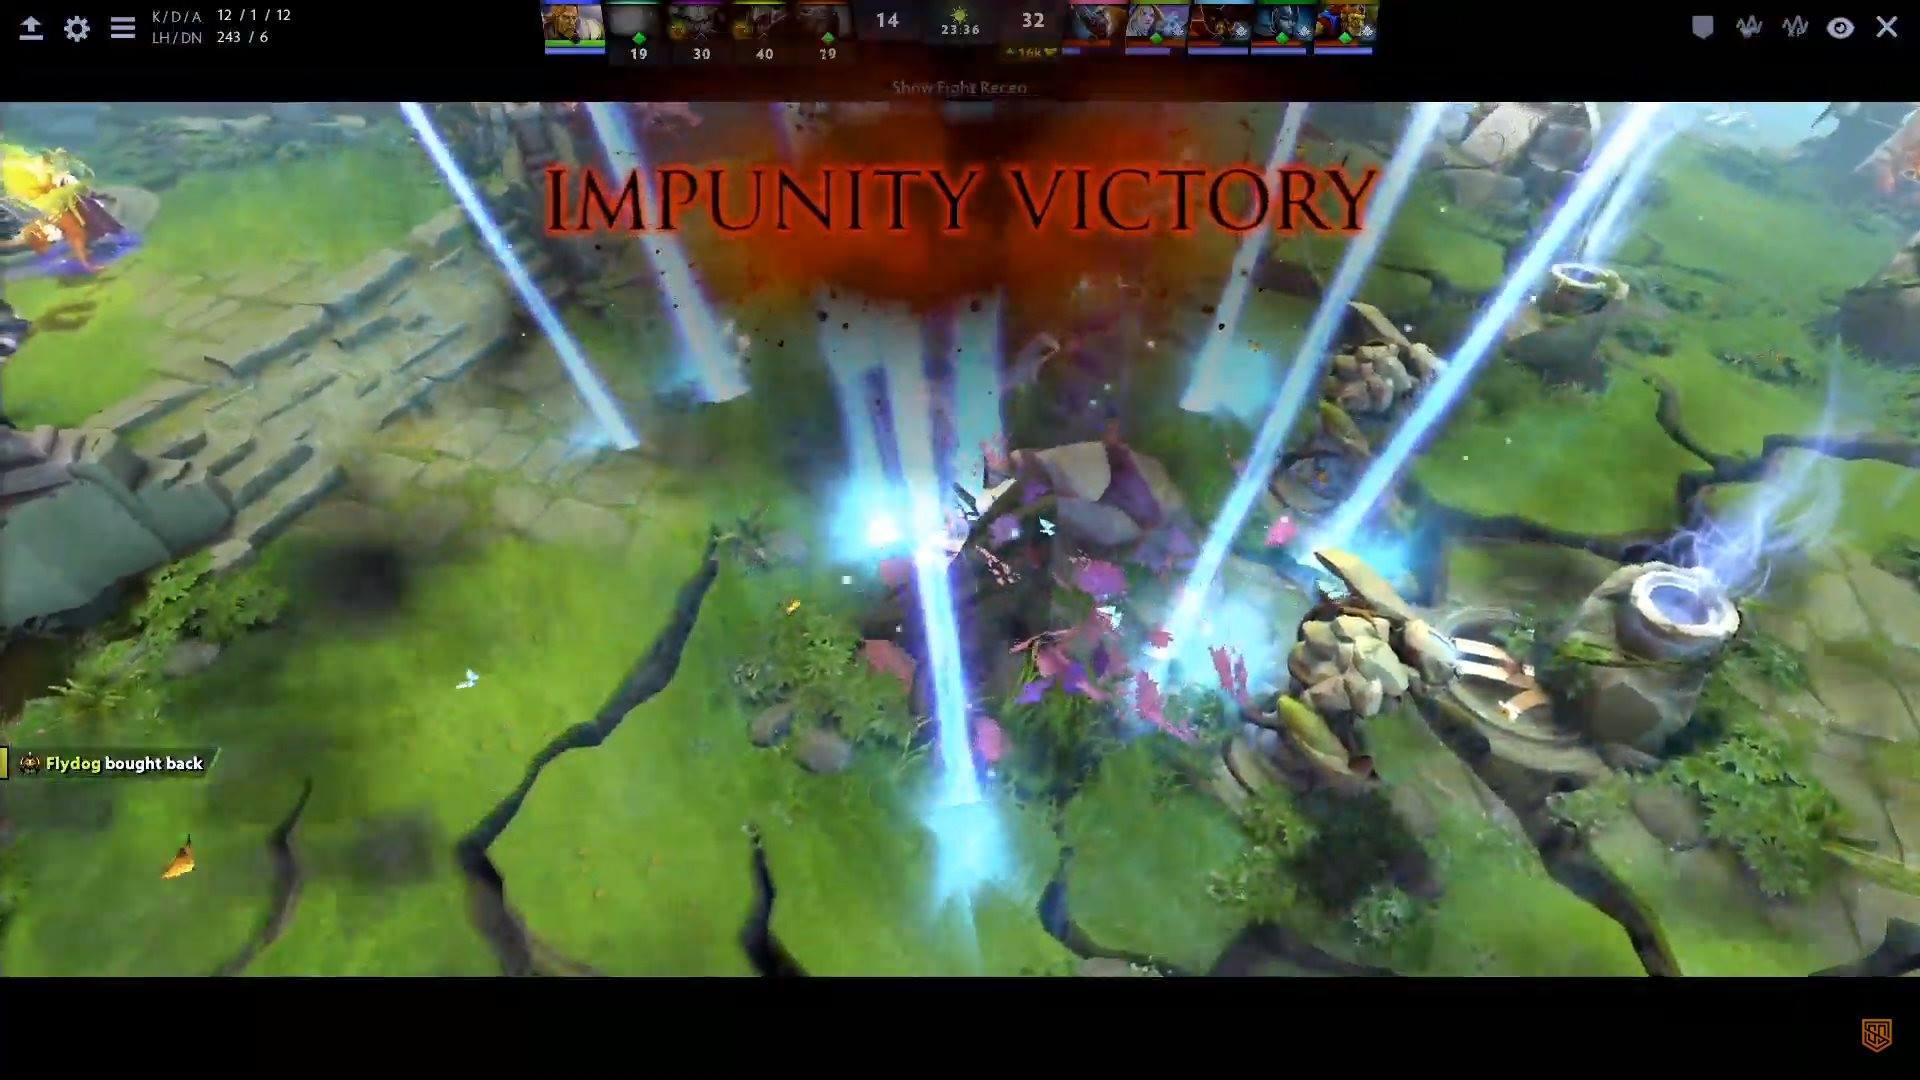 impunity won omc 1 - Vòng loại Predator League 2020 khu vực Việt Nam: Vị thế của những ông lớn